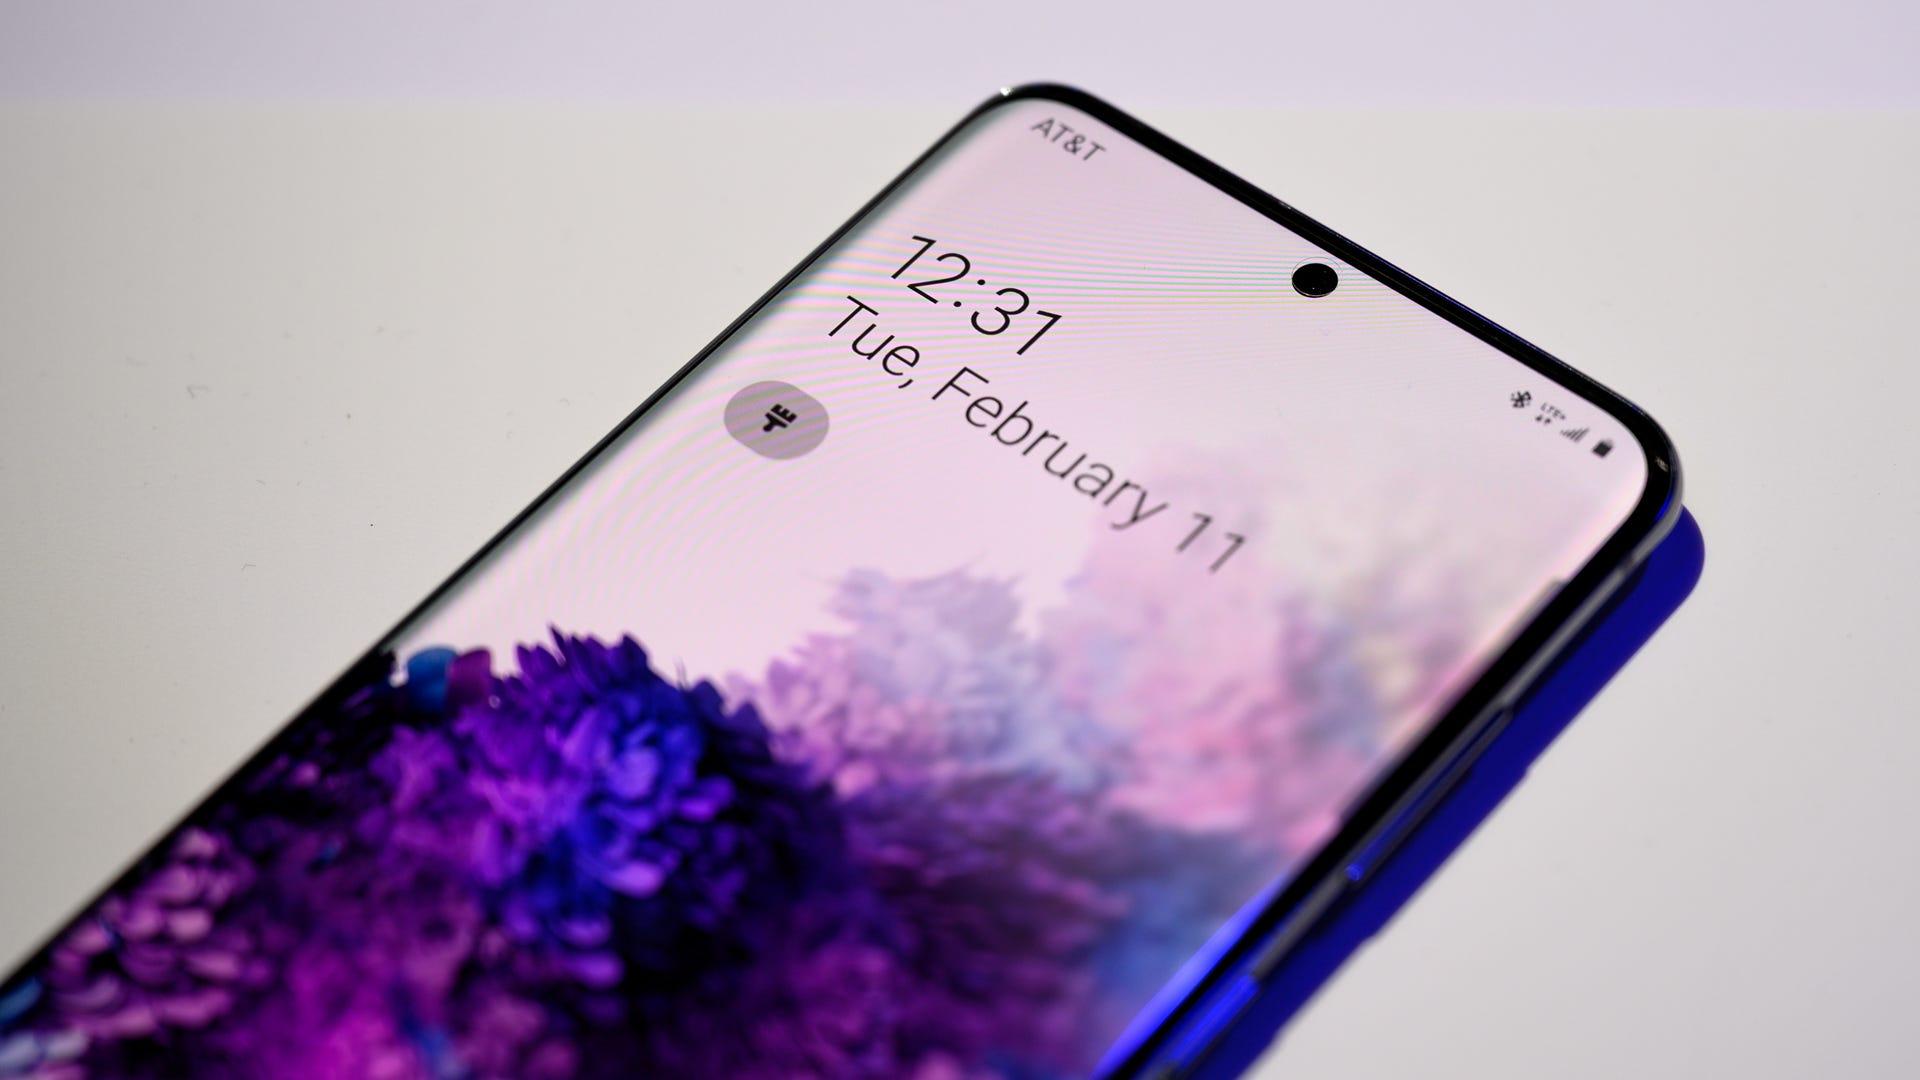 Samsung Galaxy S20 5G Display and Front Facing Camera